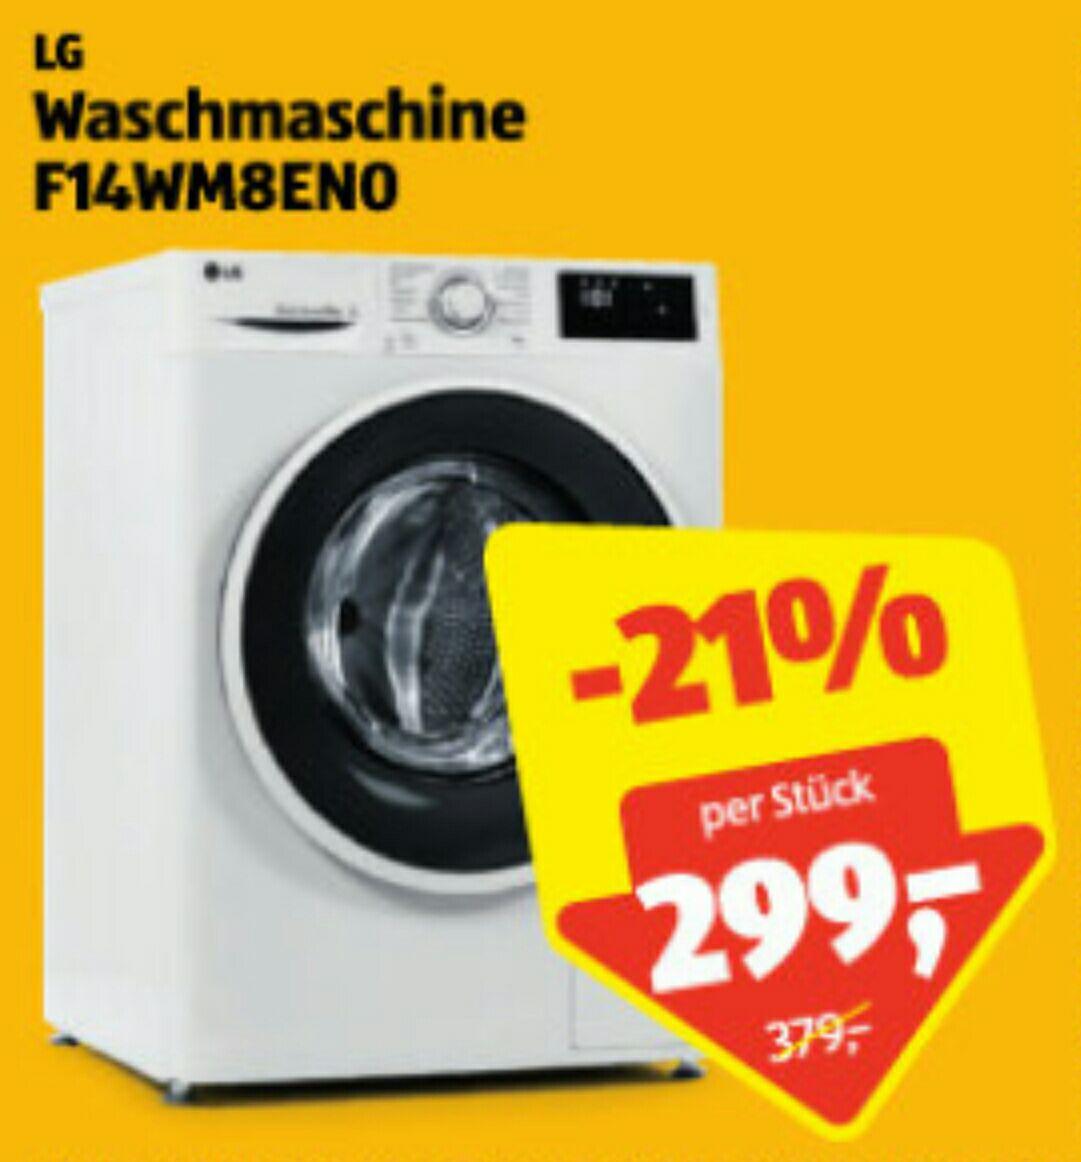 [Hofer] LG  Waschmaschine F14WM8EN0 (8kg Fassungsvermögen)